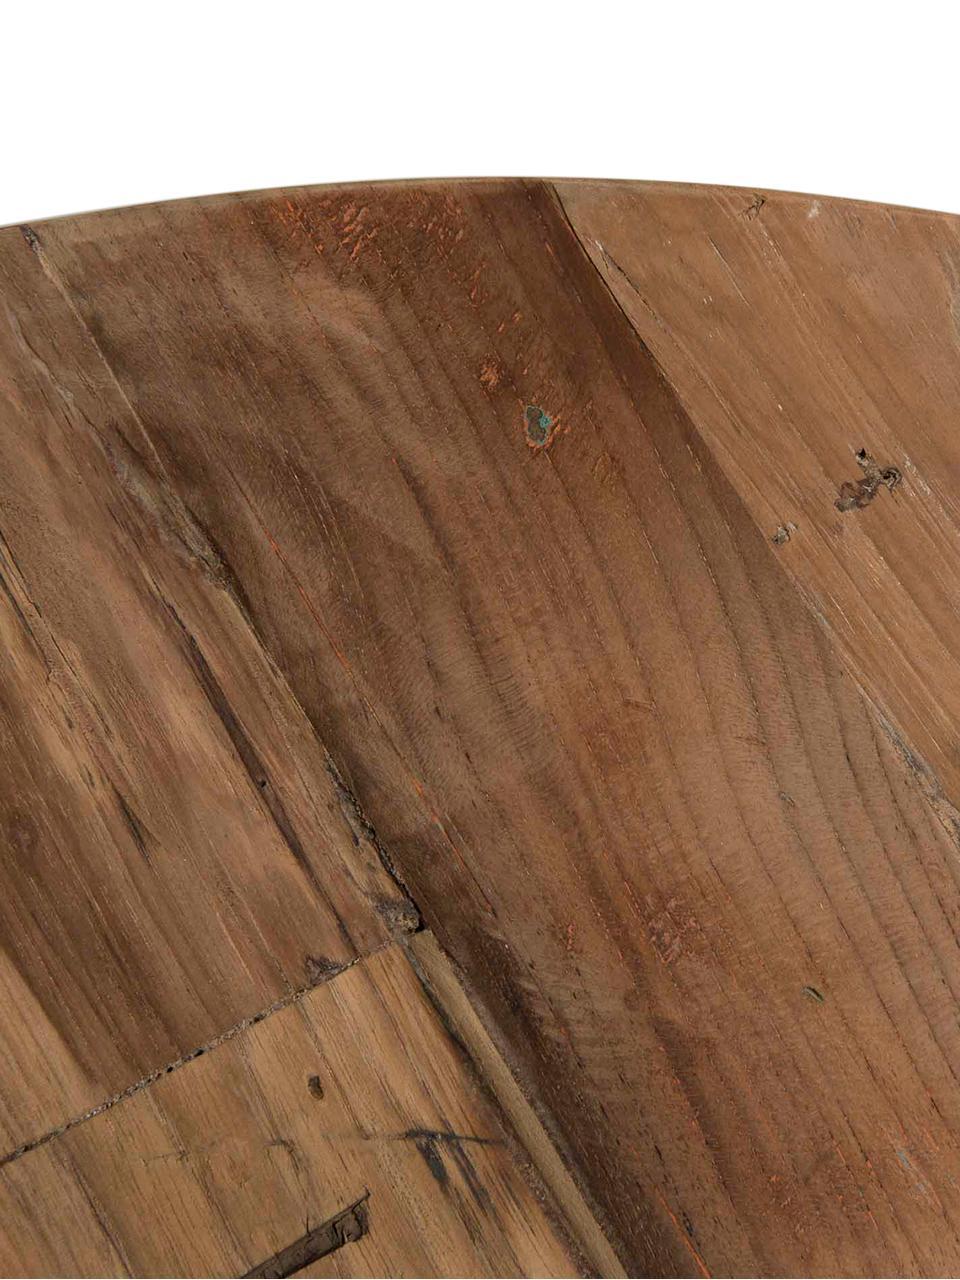 Runder Couchtisch Sixtine mit Teakholzplatte, Tischplatte: Teakholz, recycelt, Gestell: Metall, lackiert, Teakholz, Schwarz, Ø 60 x H 35 cm